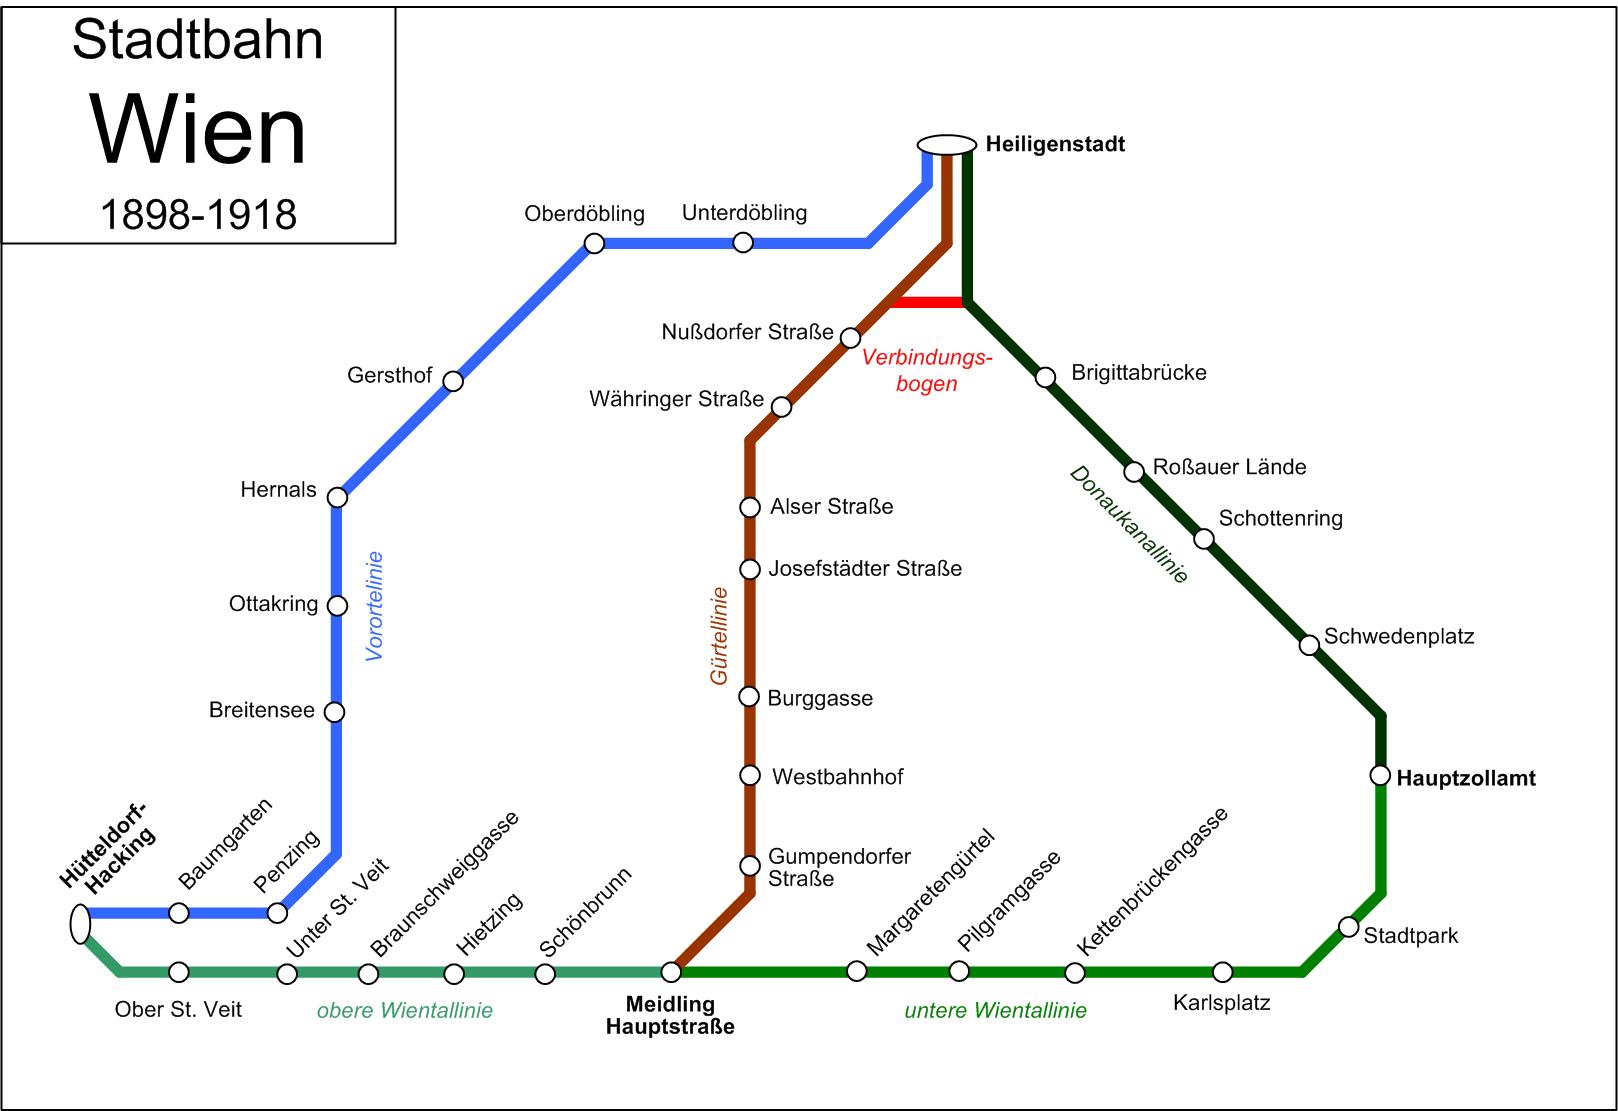 Stadtbahn Wien - 1898-1918